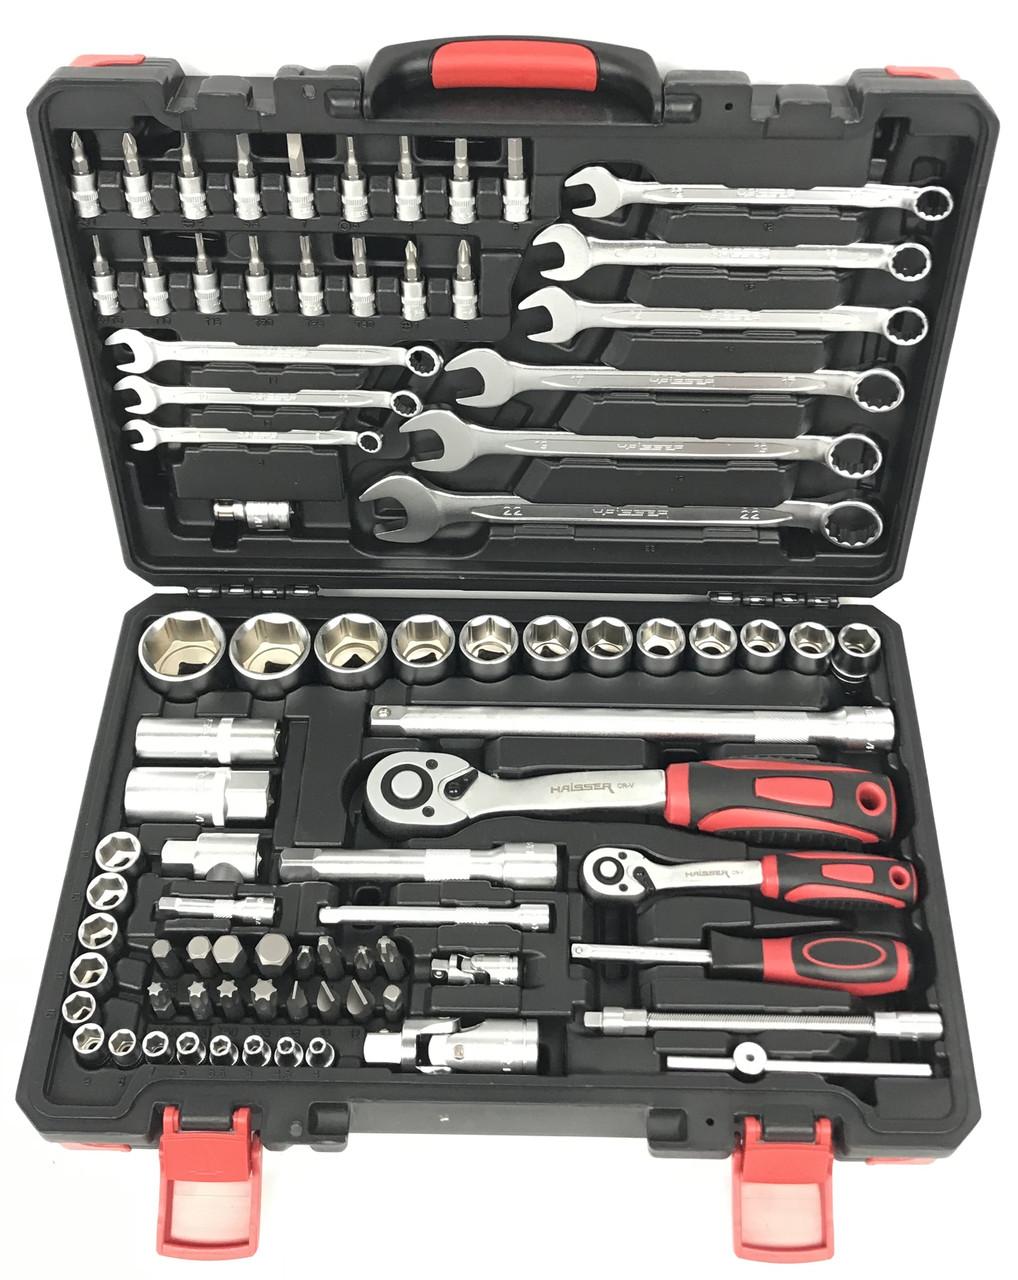 Профессиональный набор инструментов и ключей Haisser 82 ед.